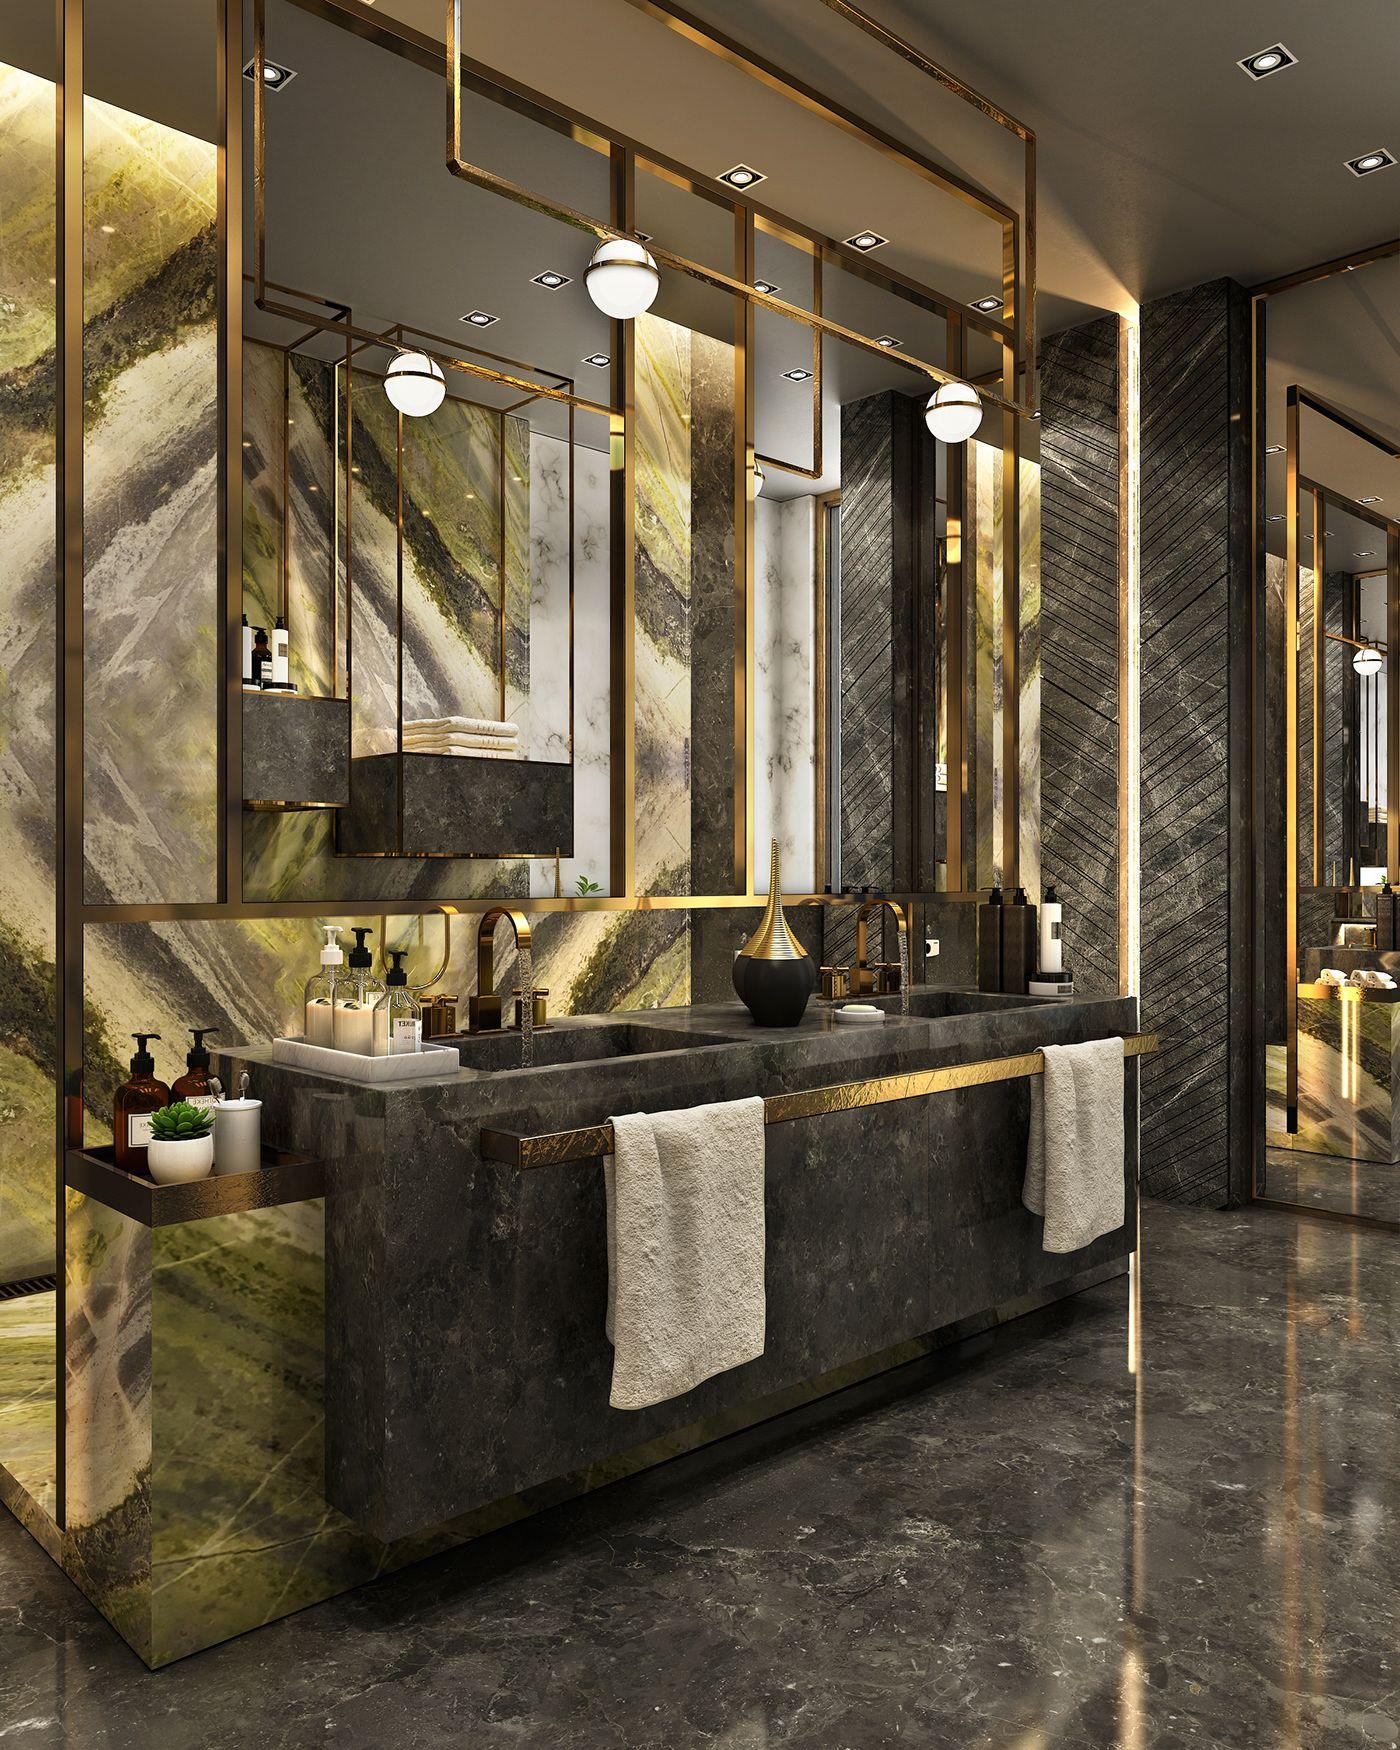 Antolini Black Bathroom On Behance Luxury Bathroom Architecture Bathroom Bathroom Design Luxury